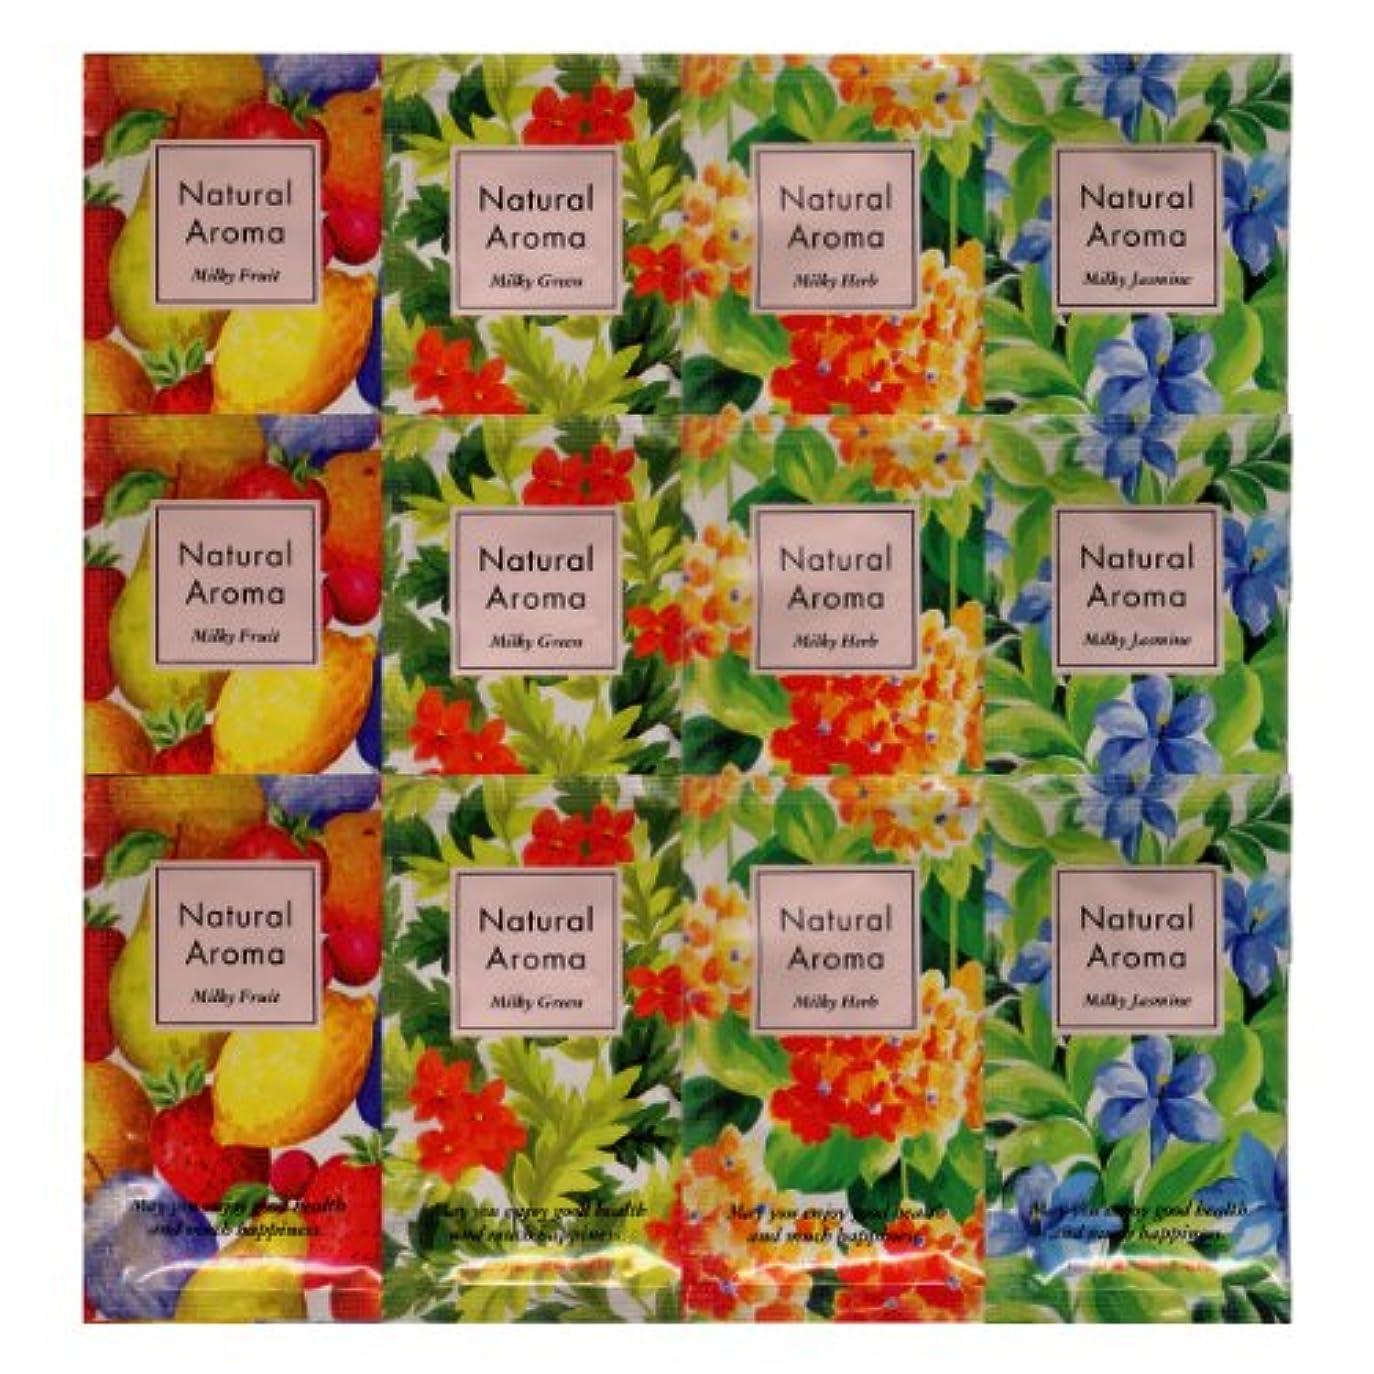 そよ風パズルレトルトナチュラルアロマ 入浴剤 ミルキーハーブ 4種類×3 12包セット